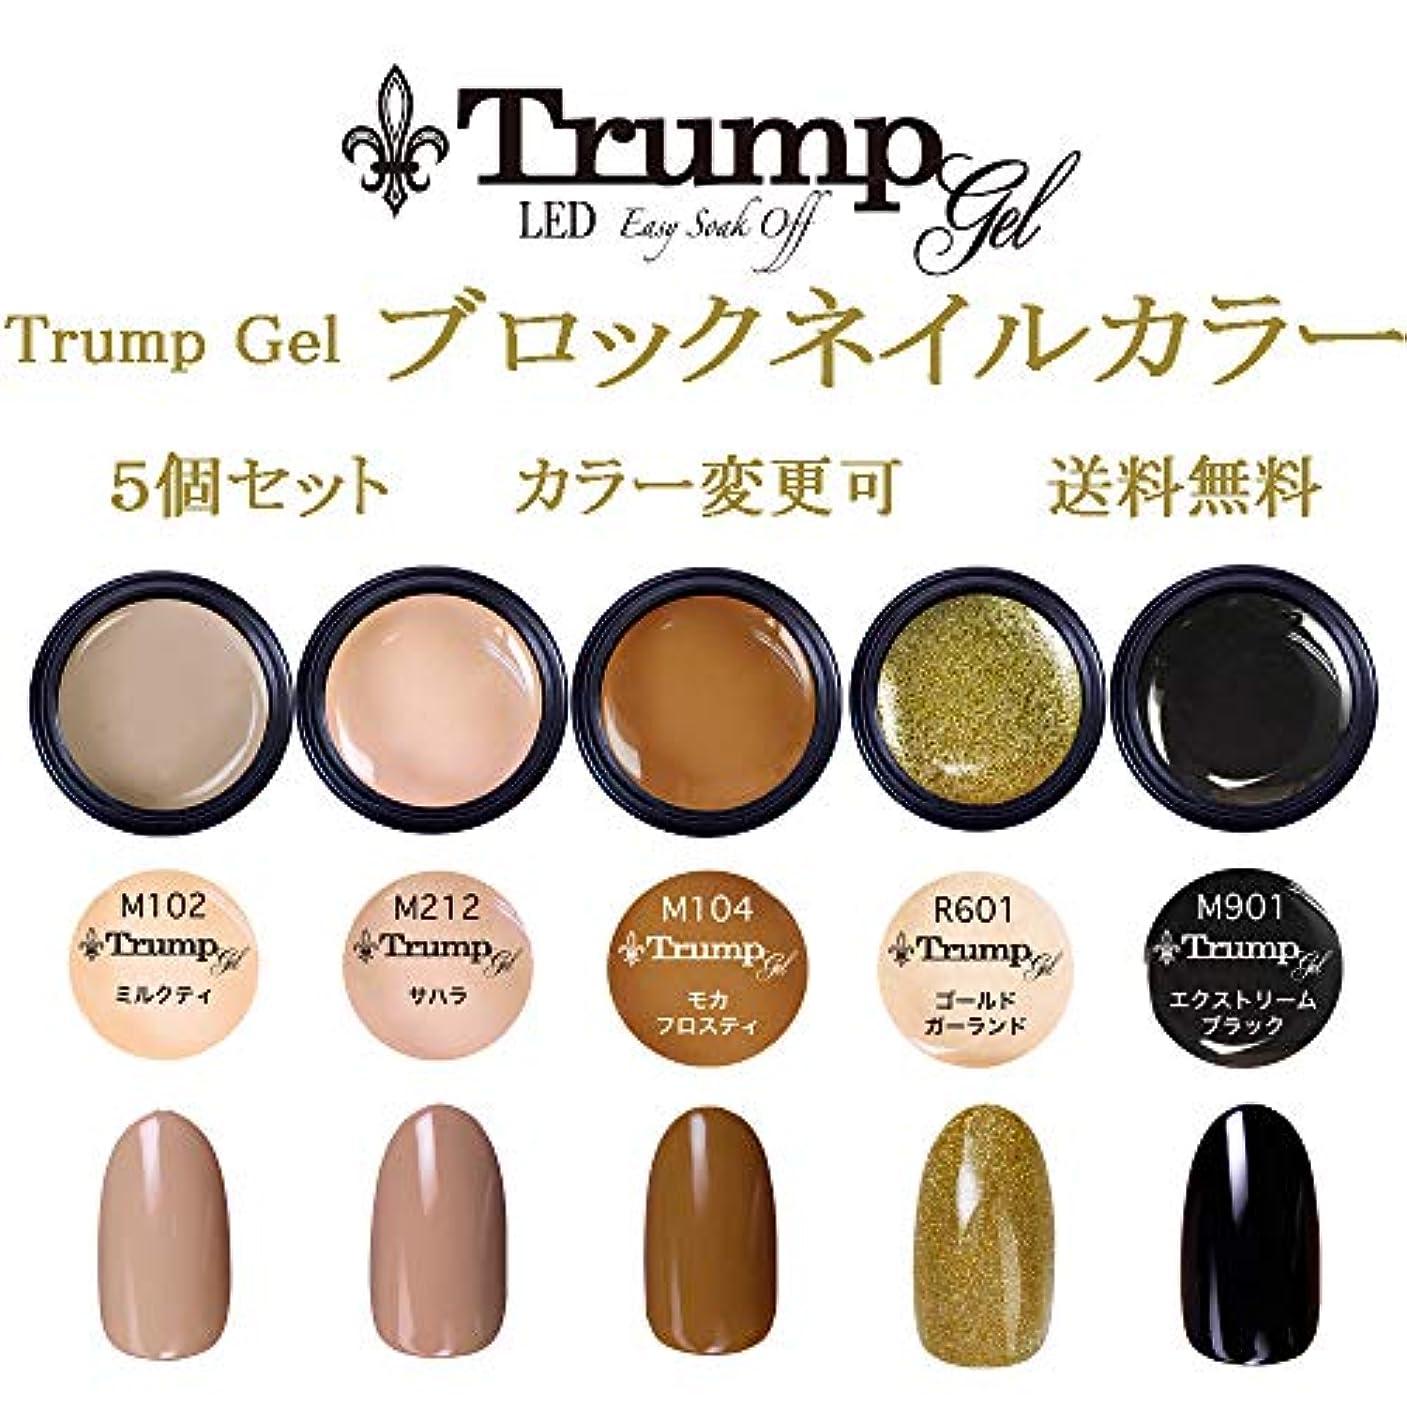 コスト脚本天才日本製 Trump gel トランプジェル ブロックネイル 選べる カラージェル 5個セット ゴールド ラメ ブラウン ブラック ピンク ベージュ